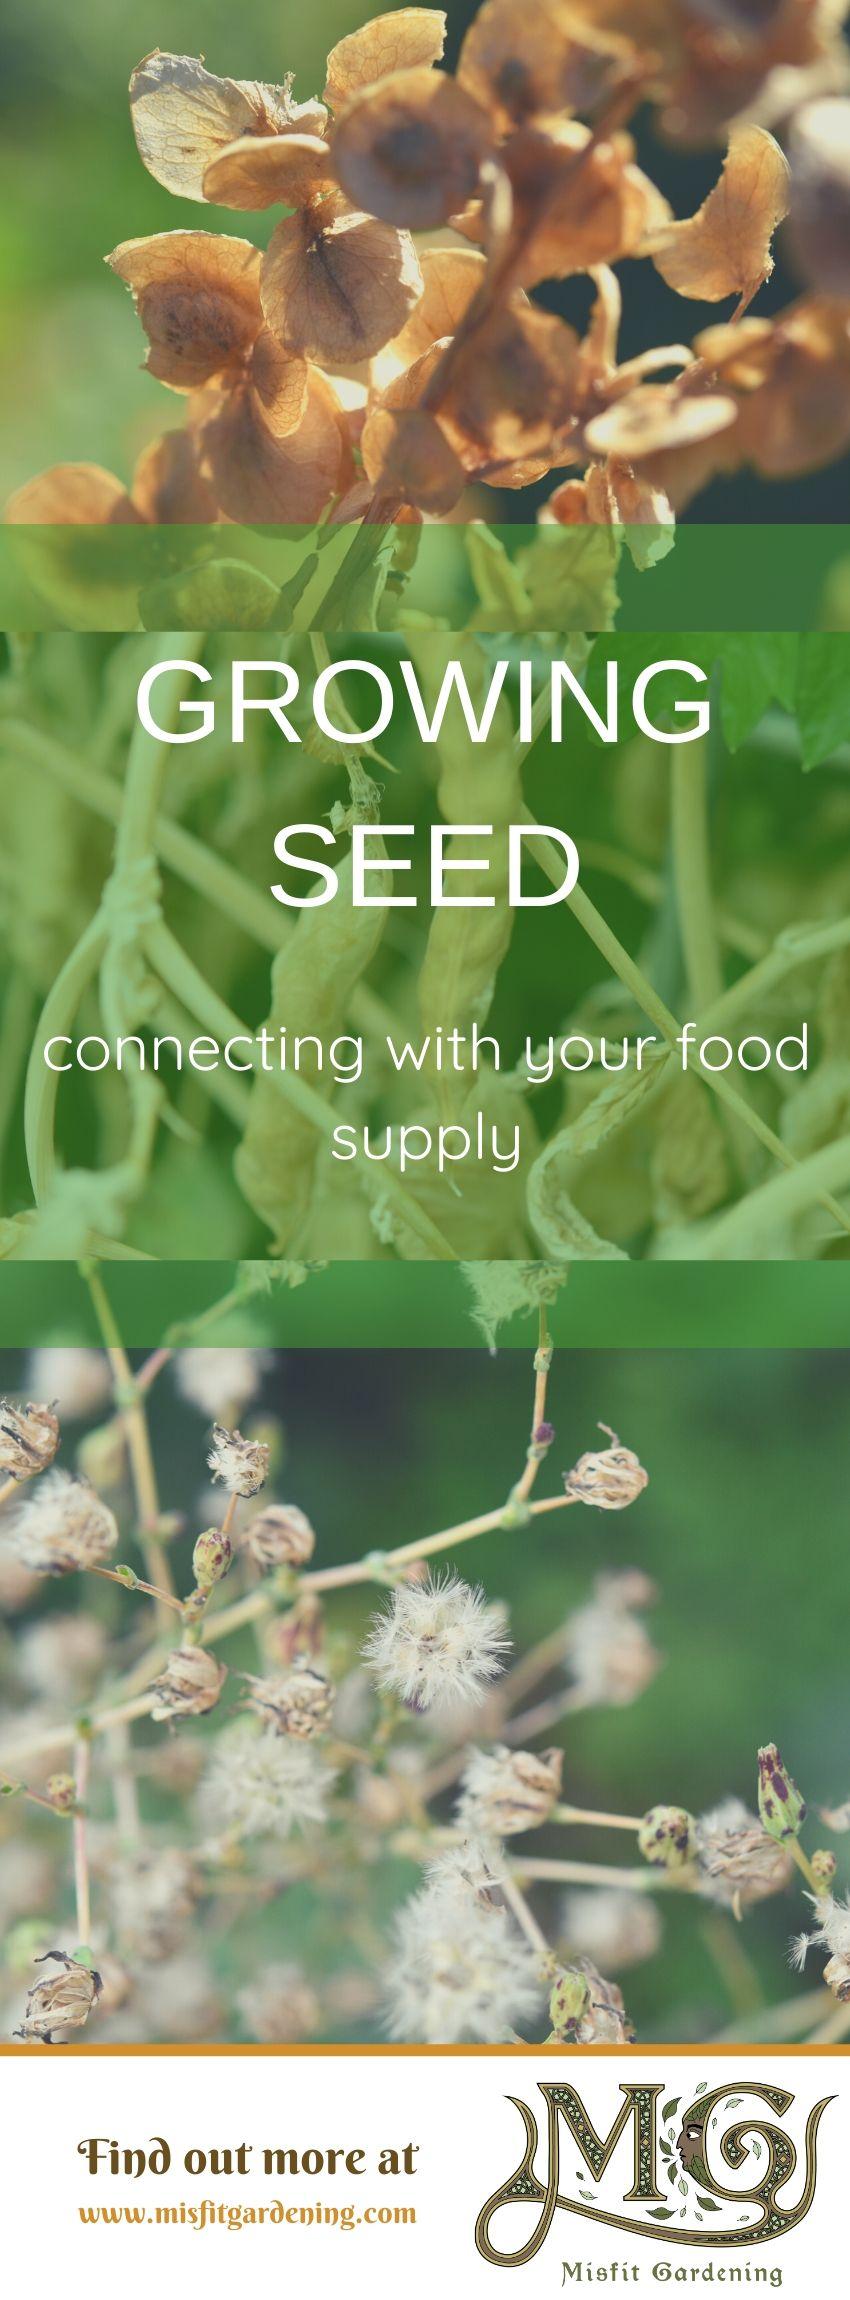 Klicken Sie hier, um mehr über die Kulissen eines Saatgutunternehmens zu erfahren, oder stecken Sie es fest und speichern Sie es für später. #garten #homestead #nongmo #seeds